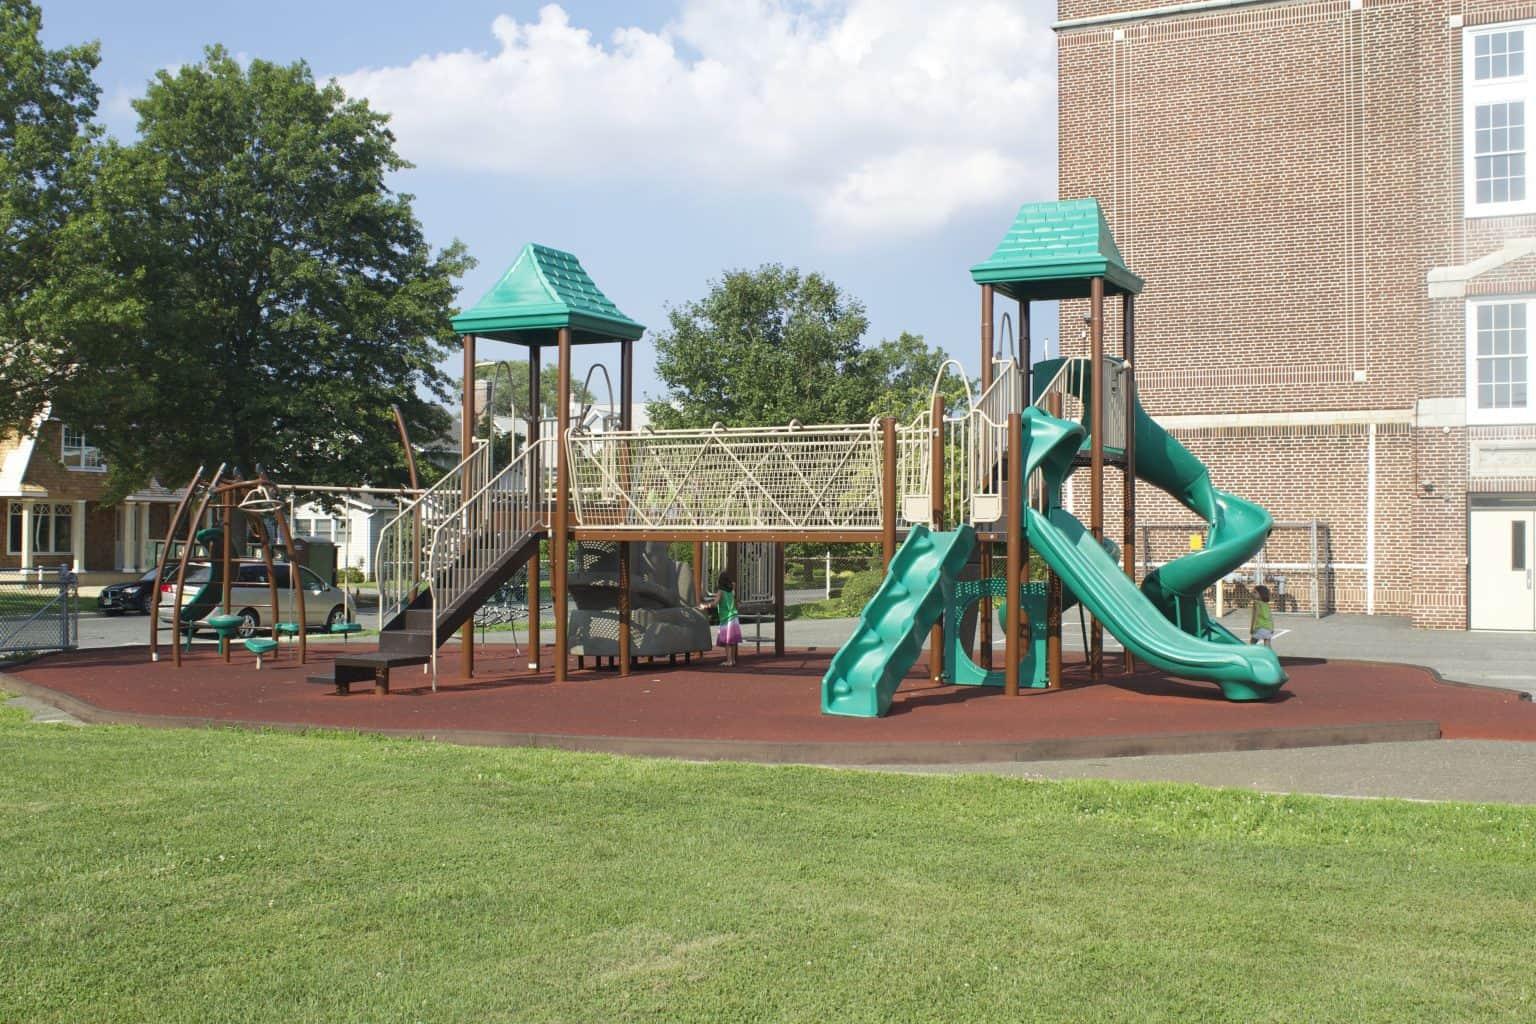 mountz-elementary-playground-spring-lake-nj_11653718195_o-1536x1024